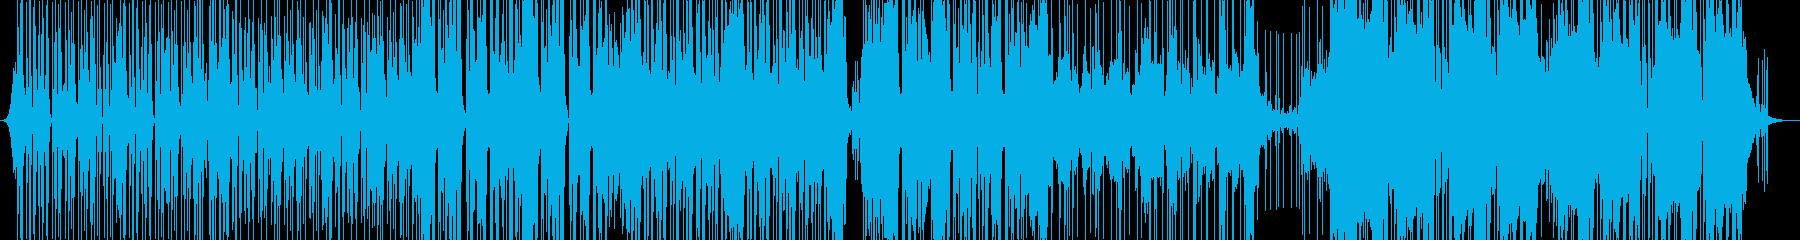 多くのアナログシンセによるエレクト...の再生済みの波形